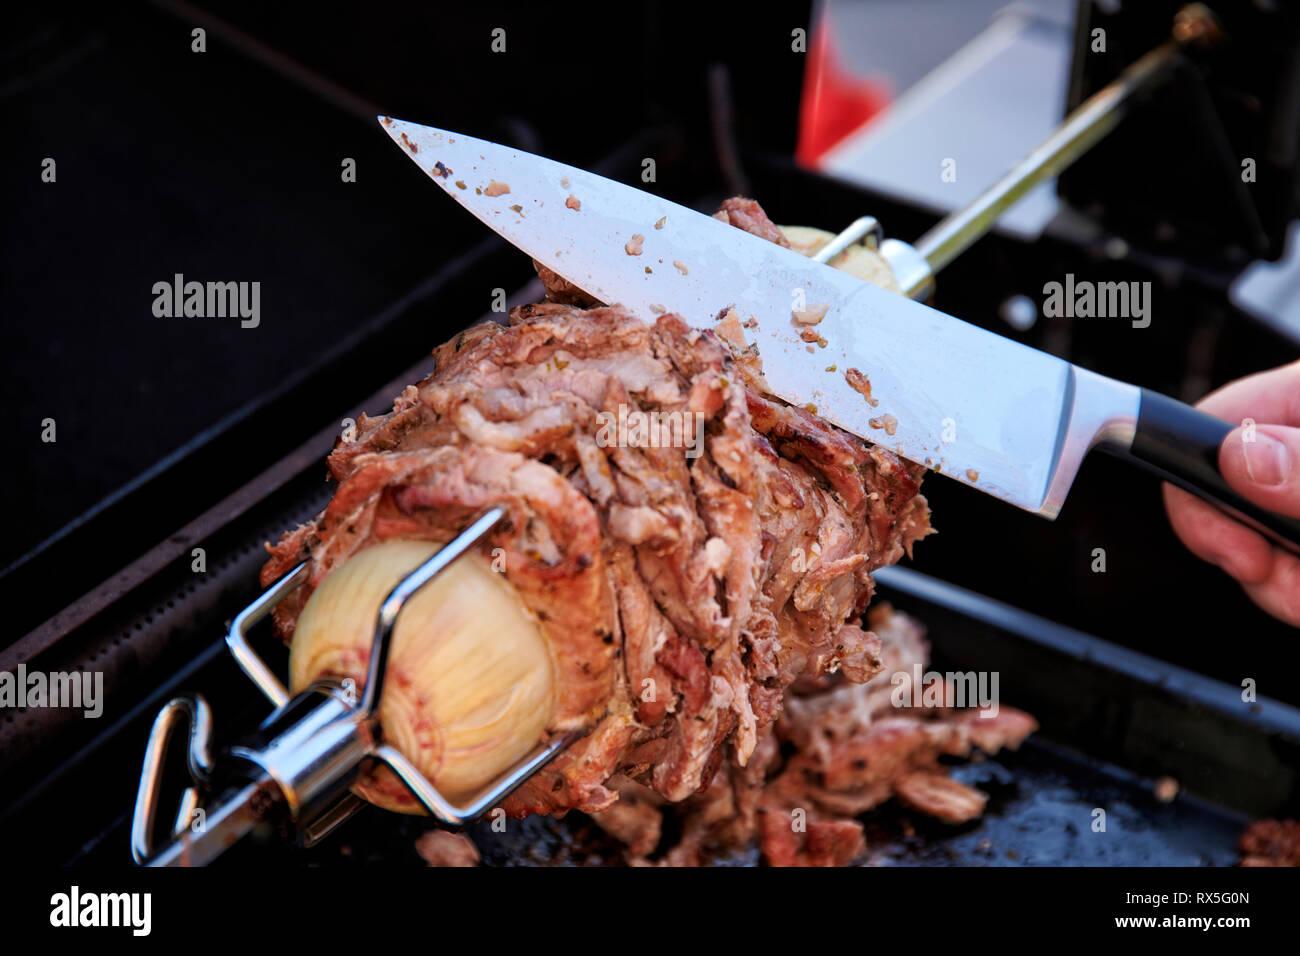 Von einem selbstgemachten Doenerspiess der in einem Grill eingespannt ist, wird mit einem grossen Messer eine Portion abgeschnitten. - Stock Image